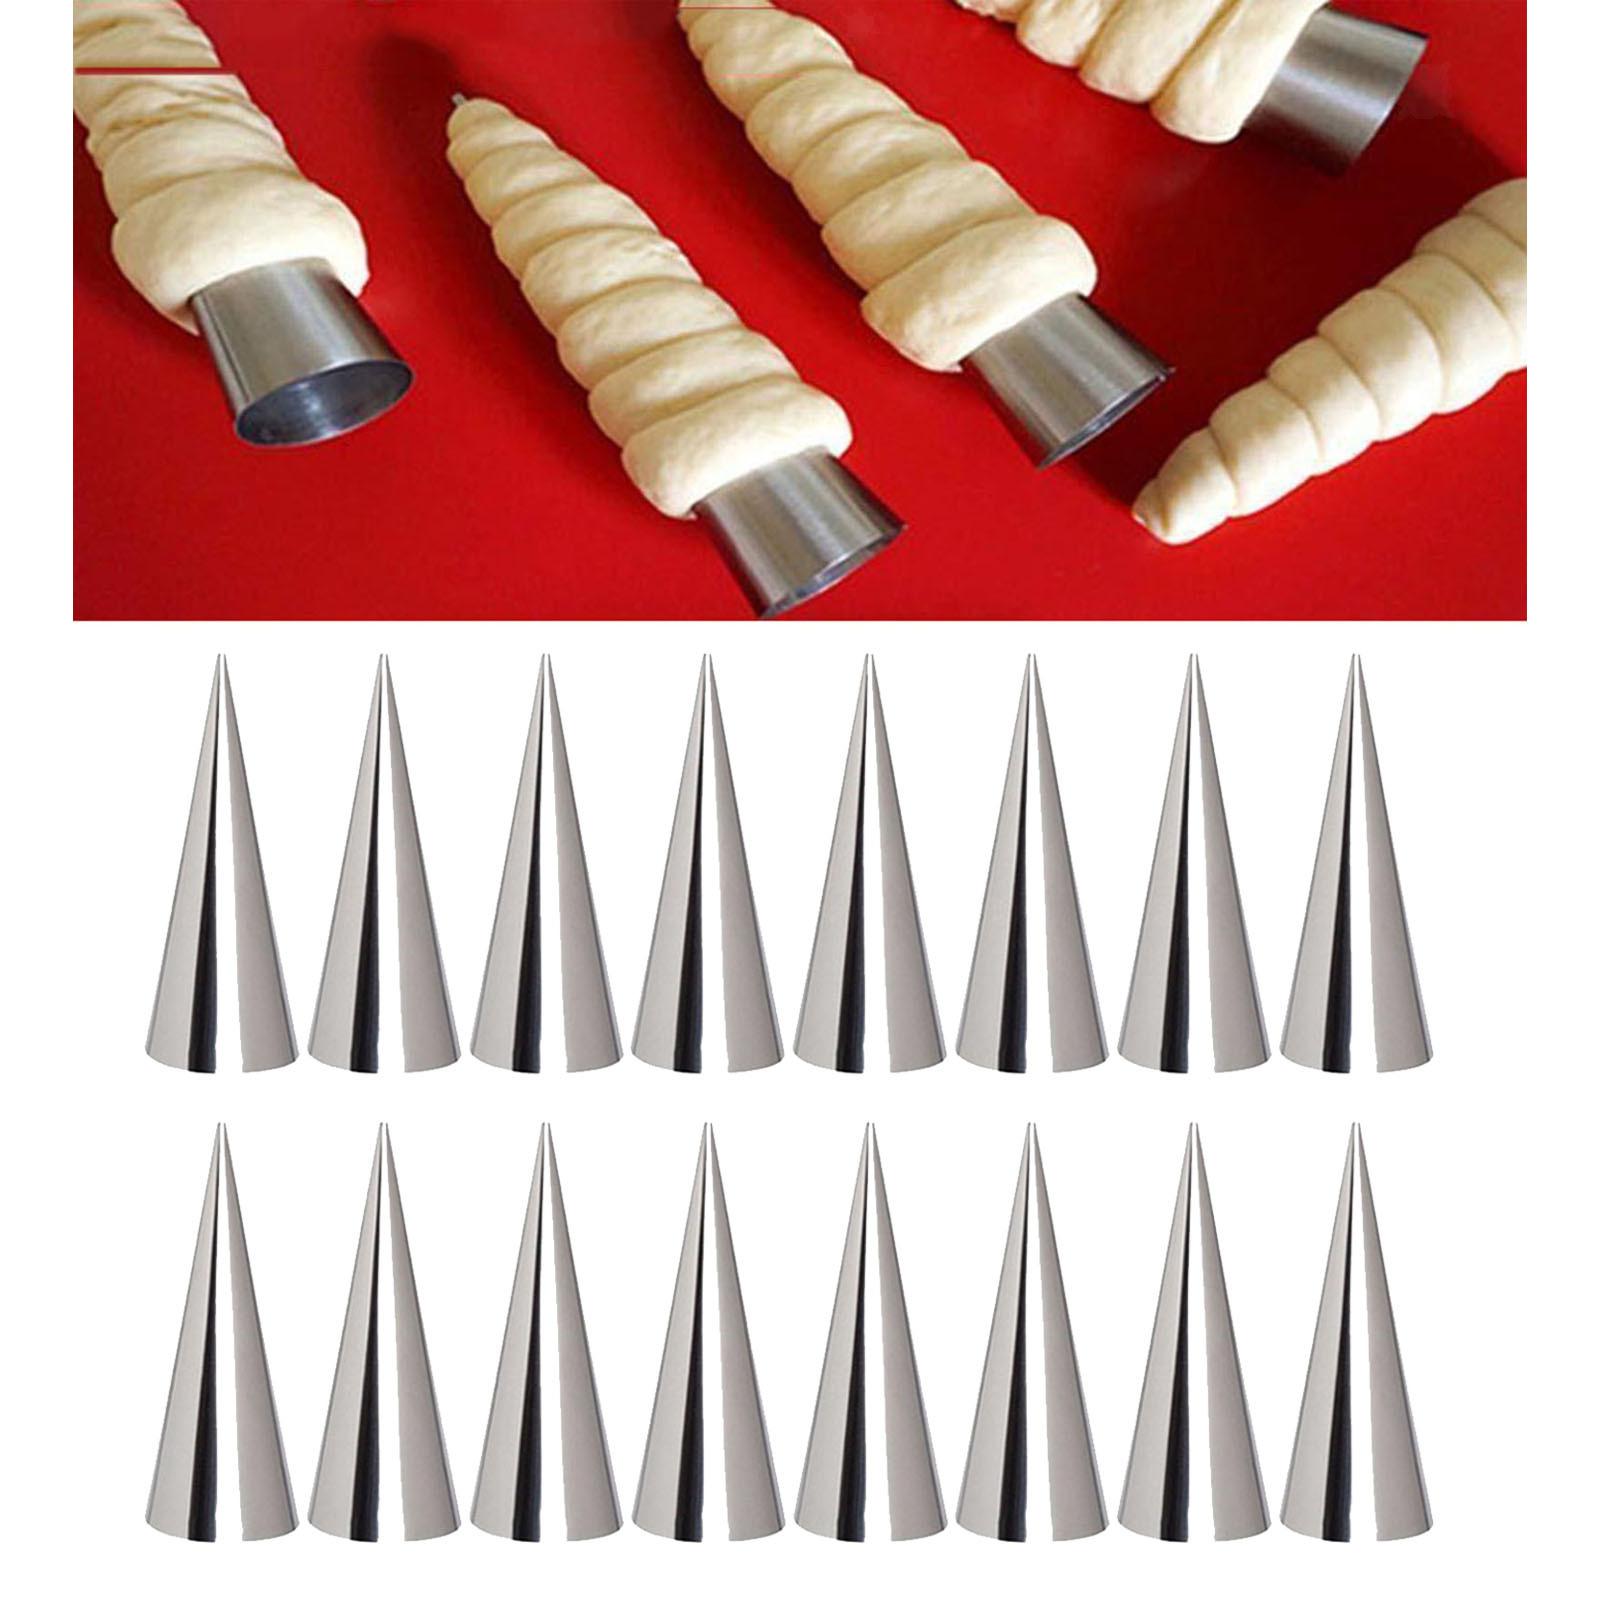 miniature 9 - Crème pâtissière Trompette Croissant Outil Spirale Tubes Pain Pâtisserie Gâ